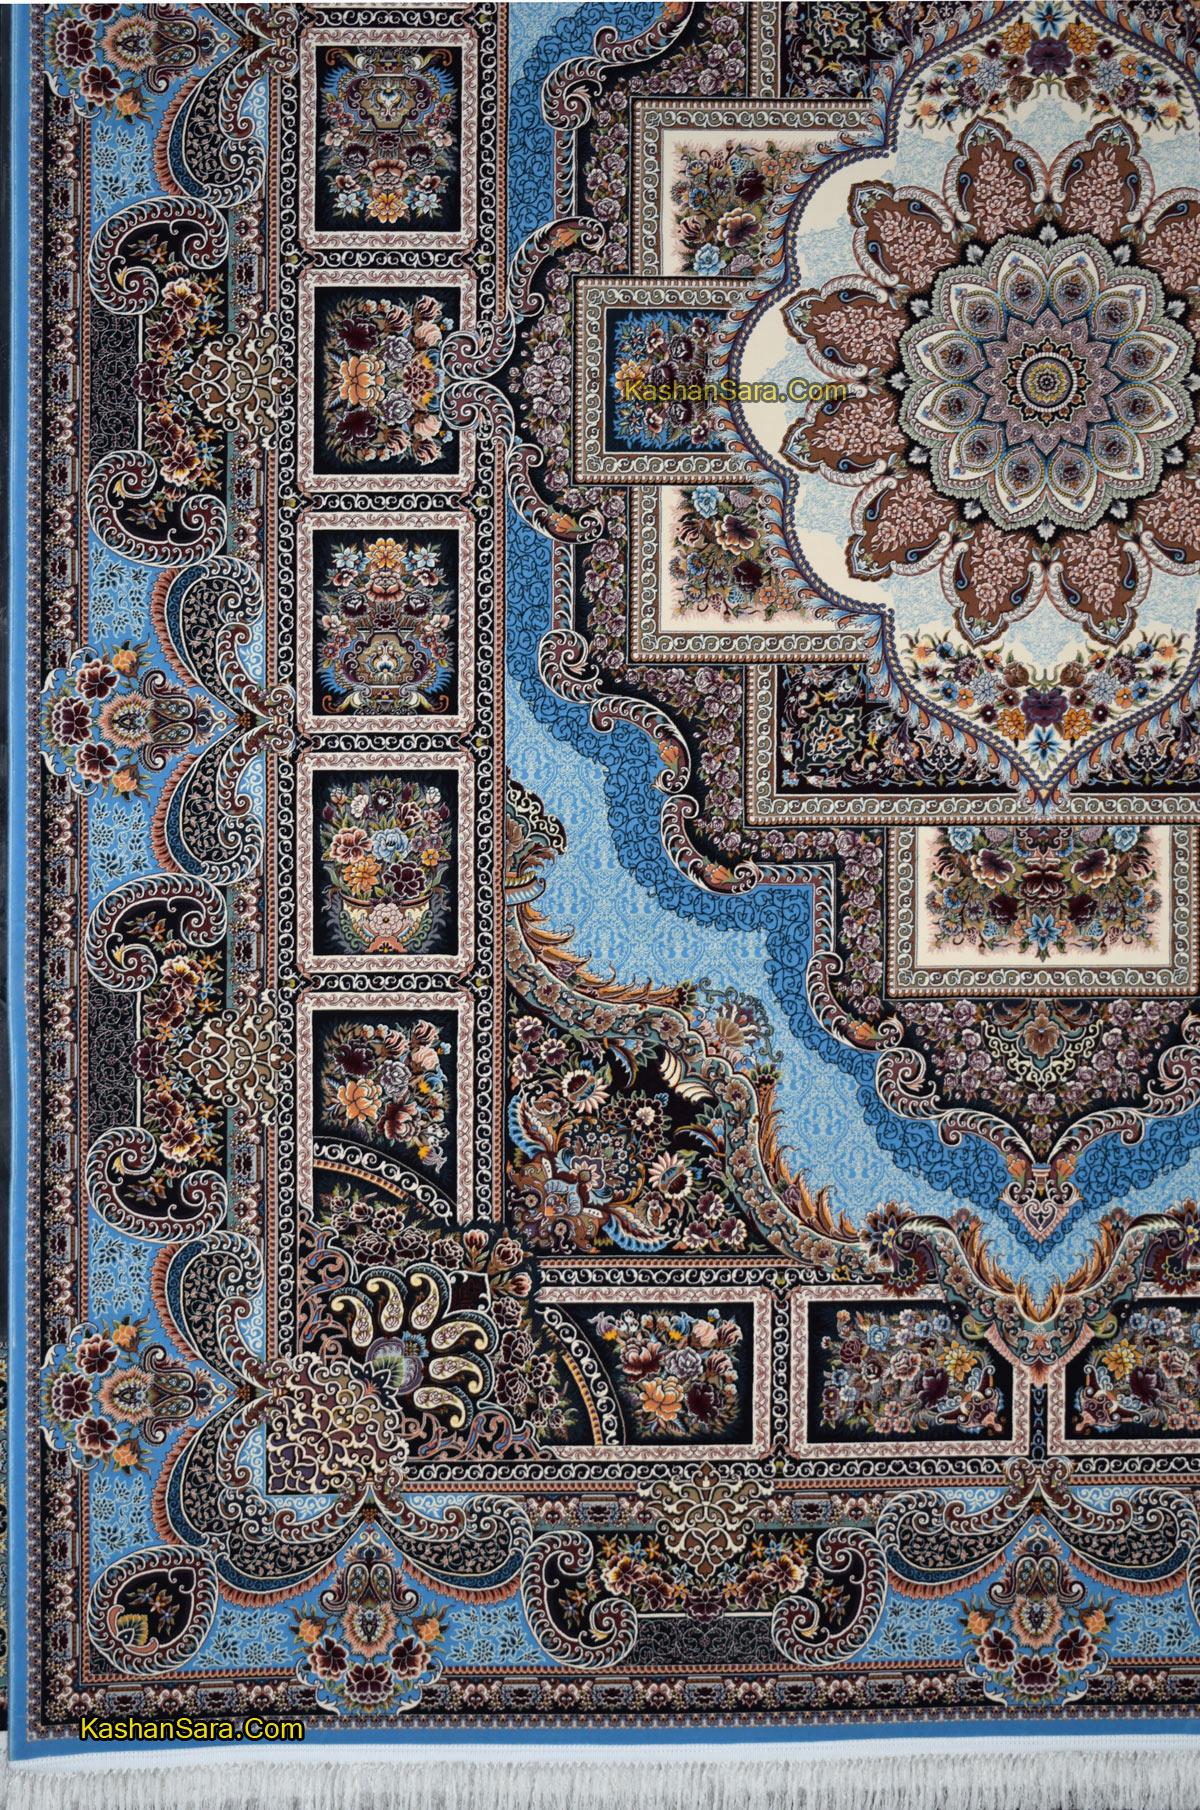 فرش کاشان ۱۲۰۰ شانه نقشه حوض نقره